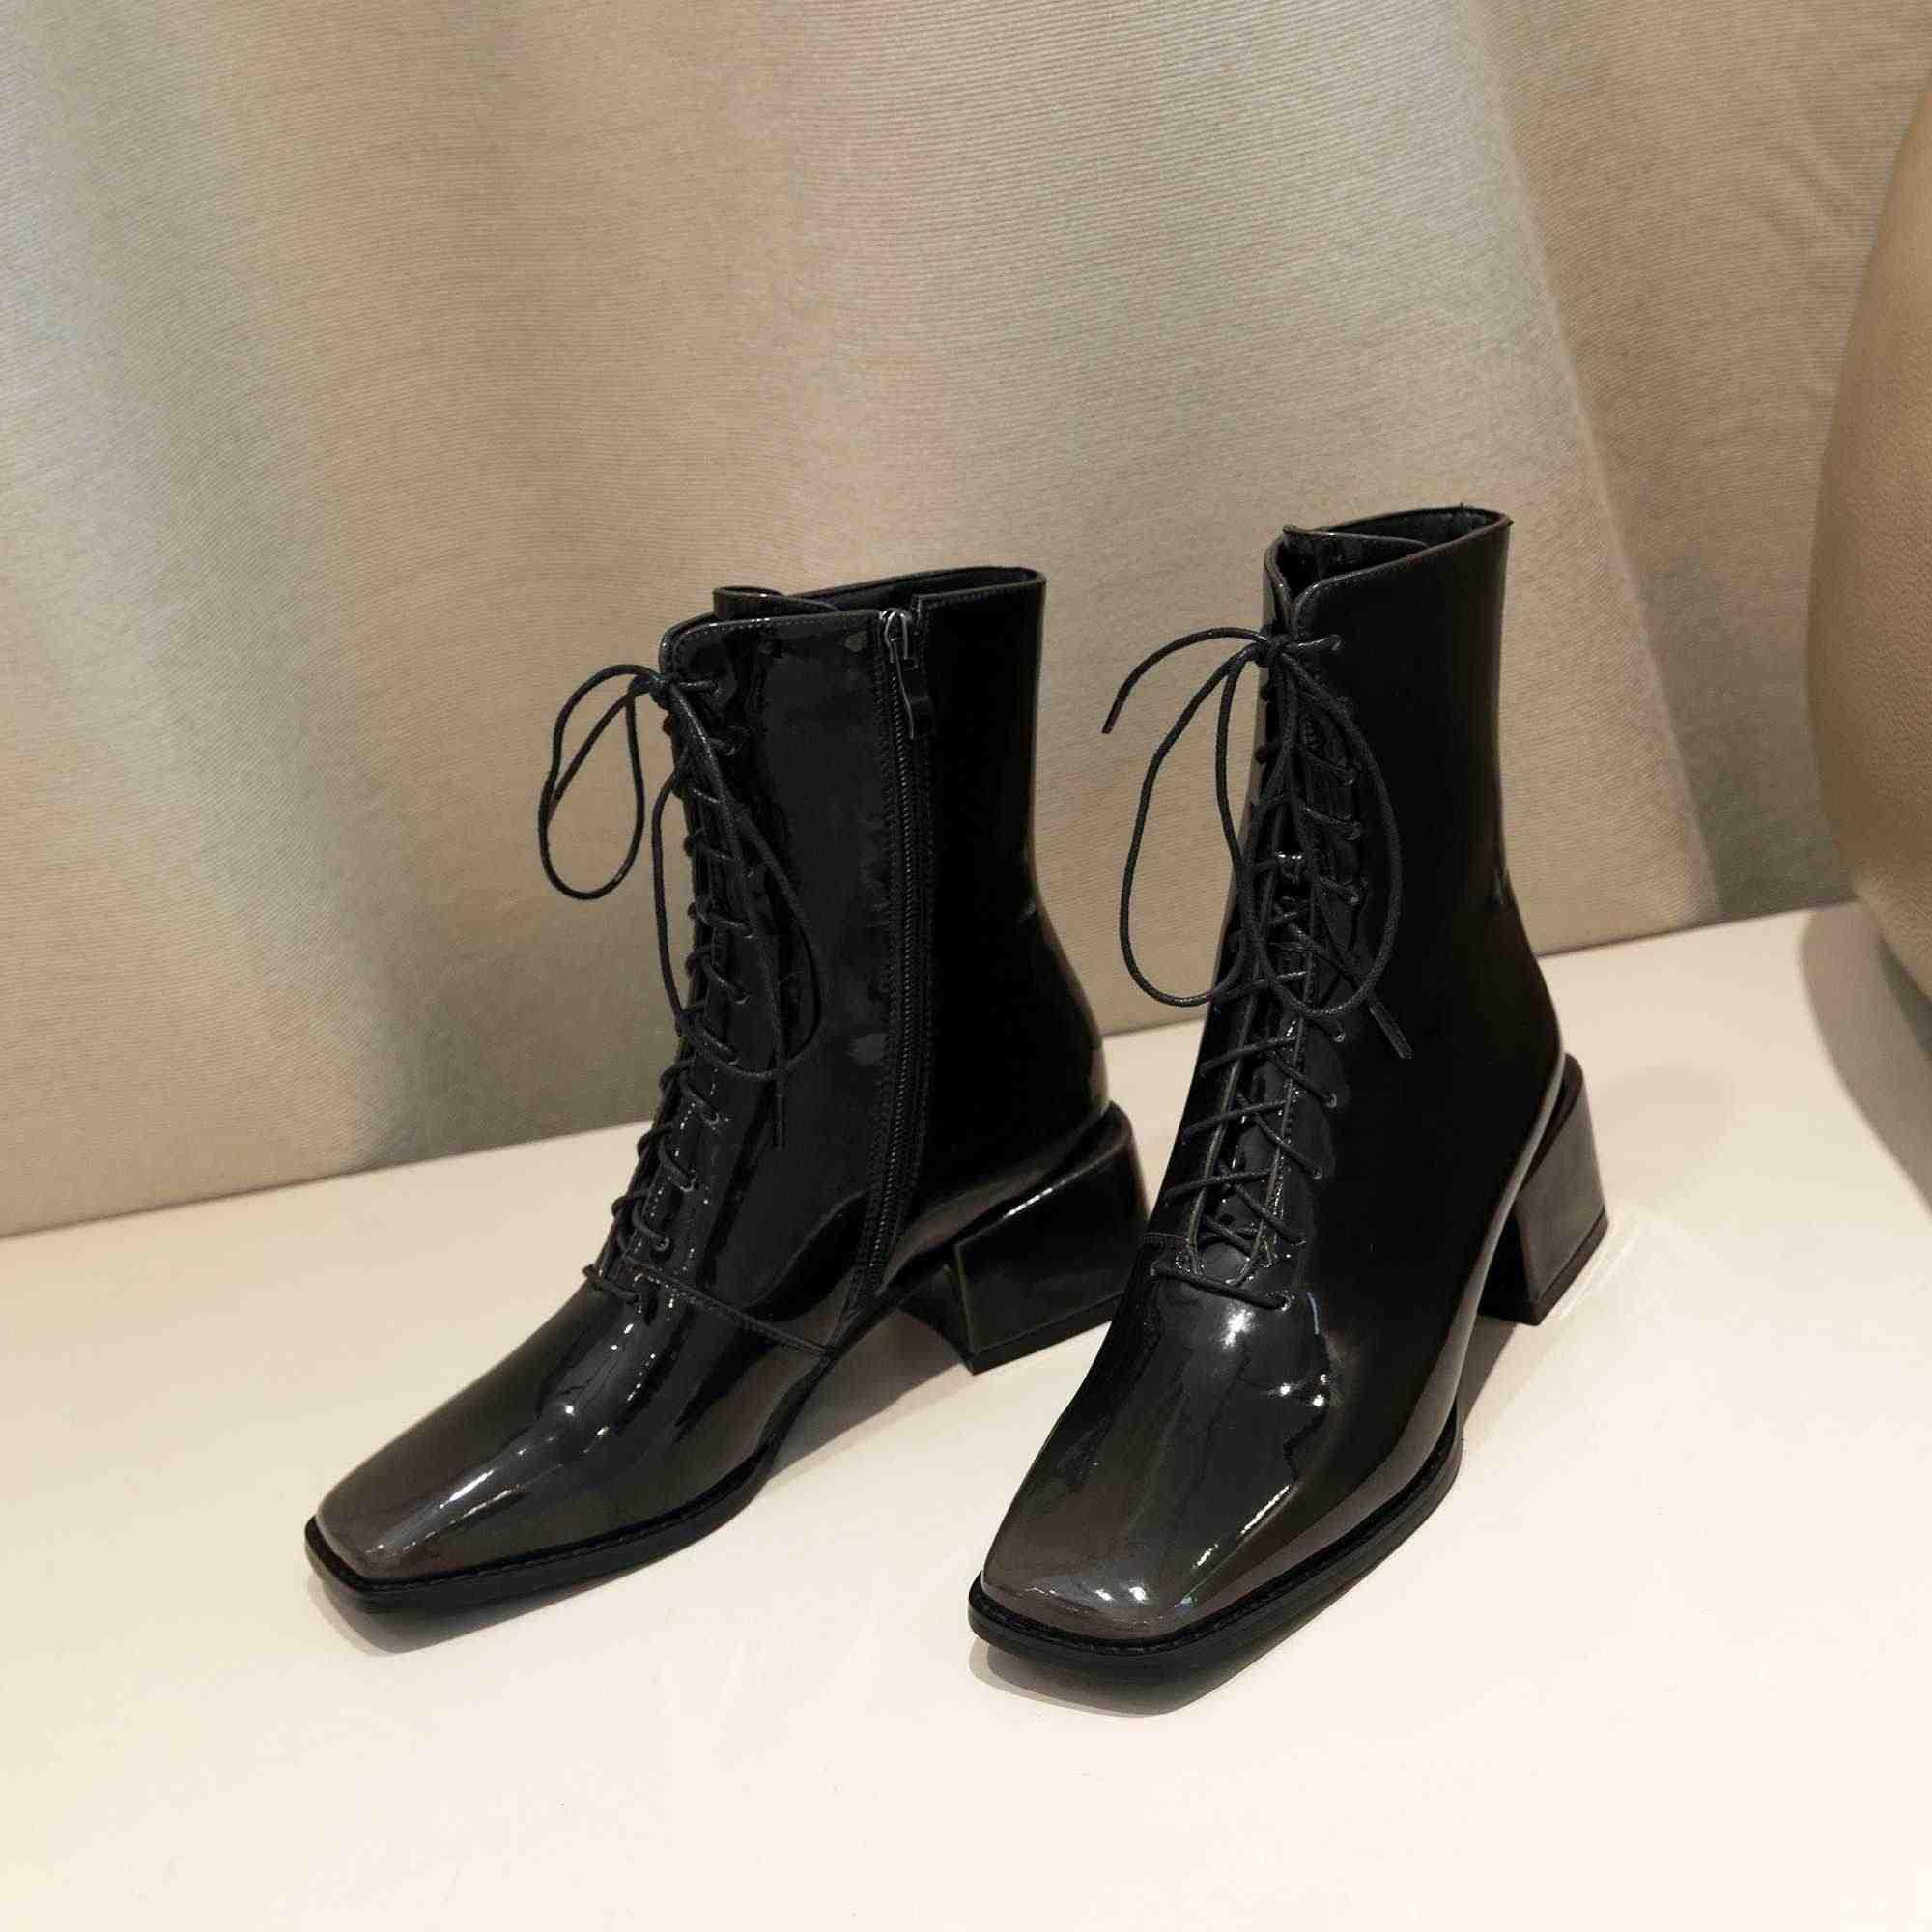 Krazing pot mikrofiber patent deri kare ayak med topuklu degrade renk lace up kadınlar zarif yüksek moda orta buzağı çizmeler L30